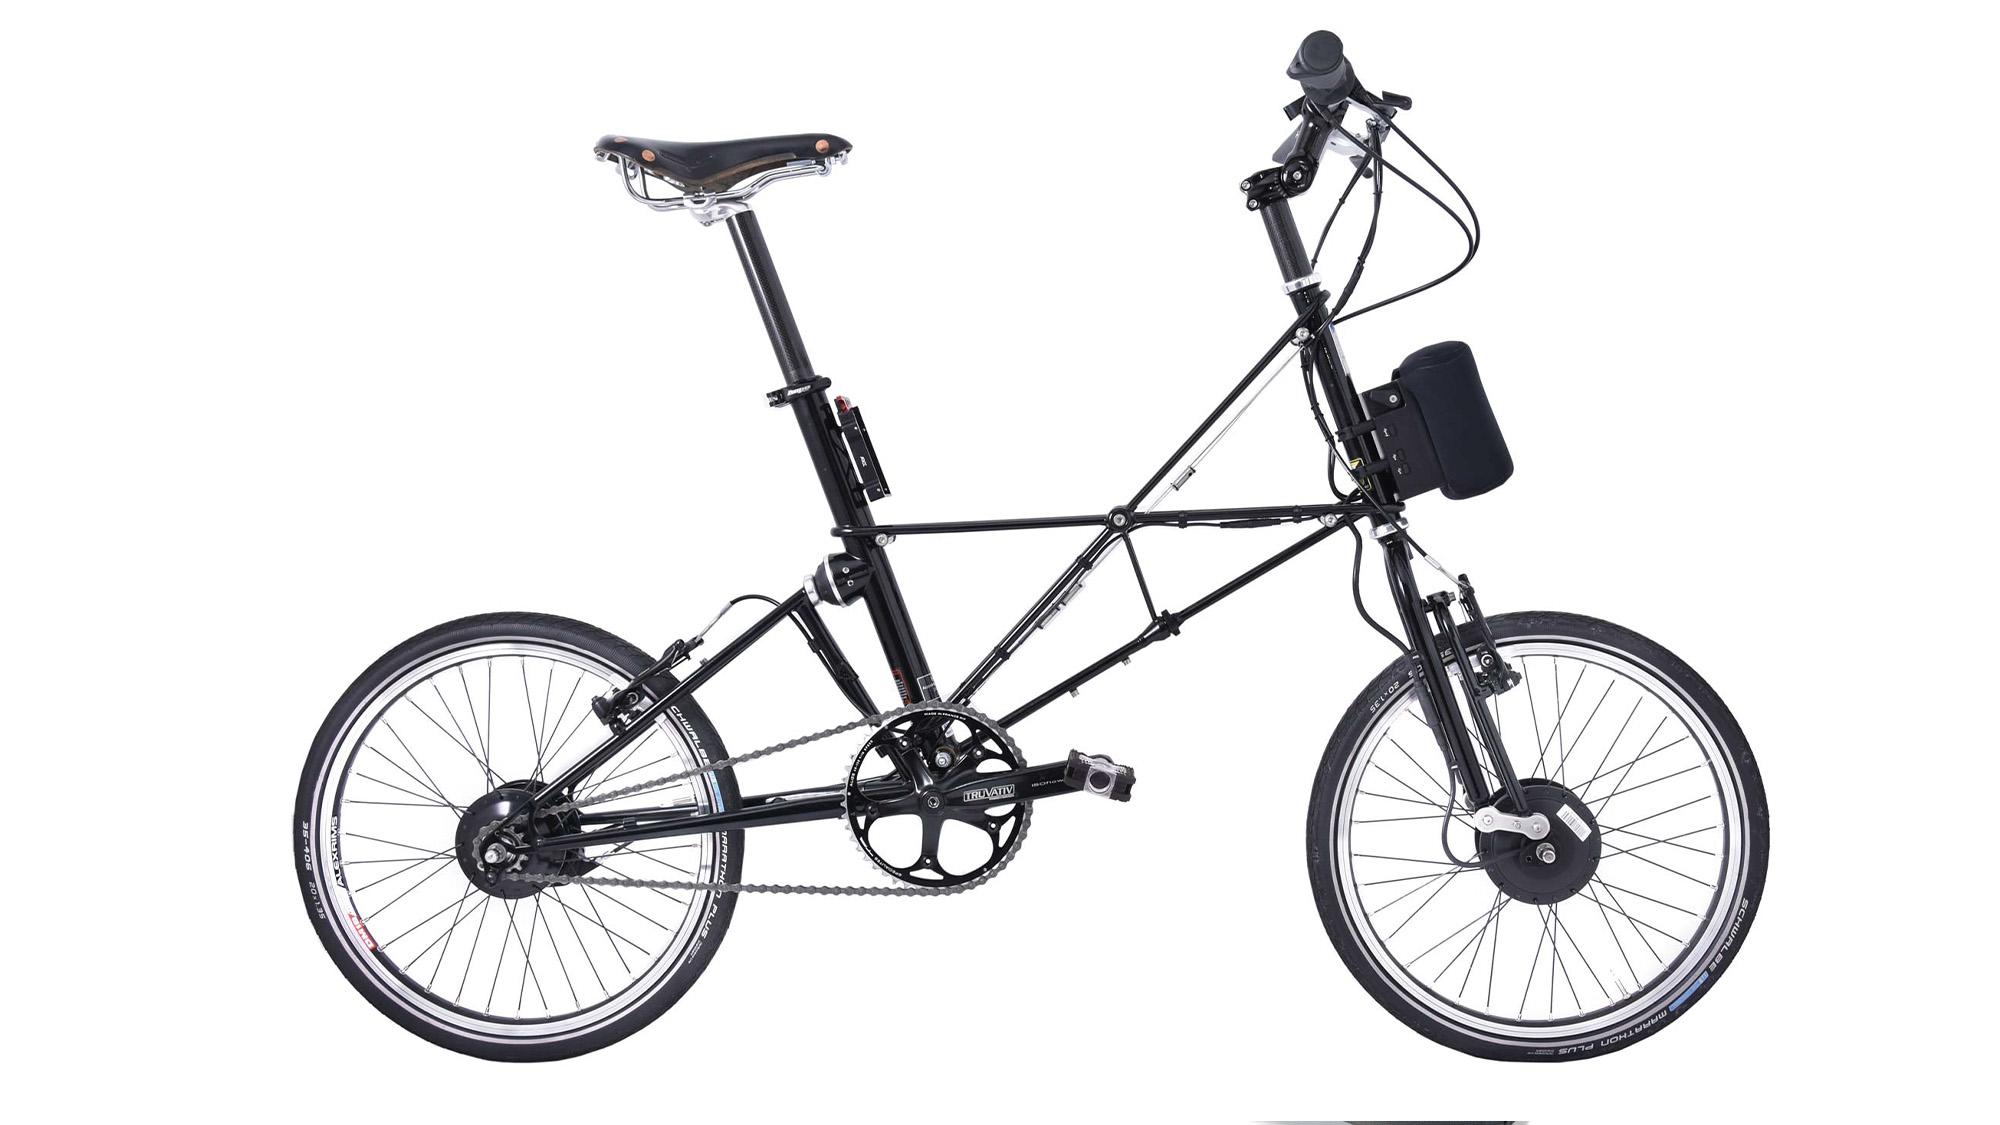 Arcc Moulton TSR electric bicycle